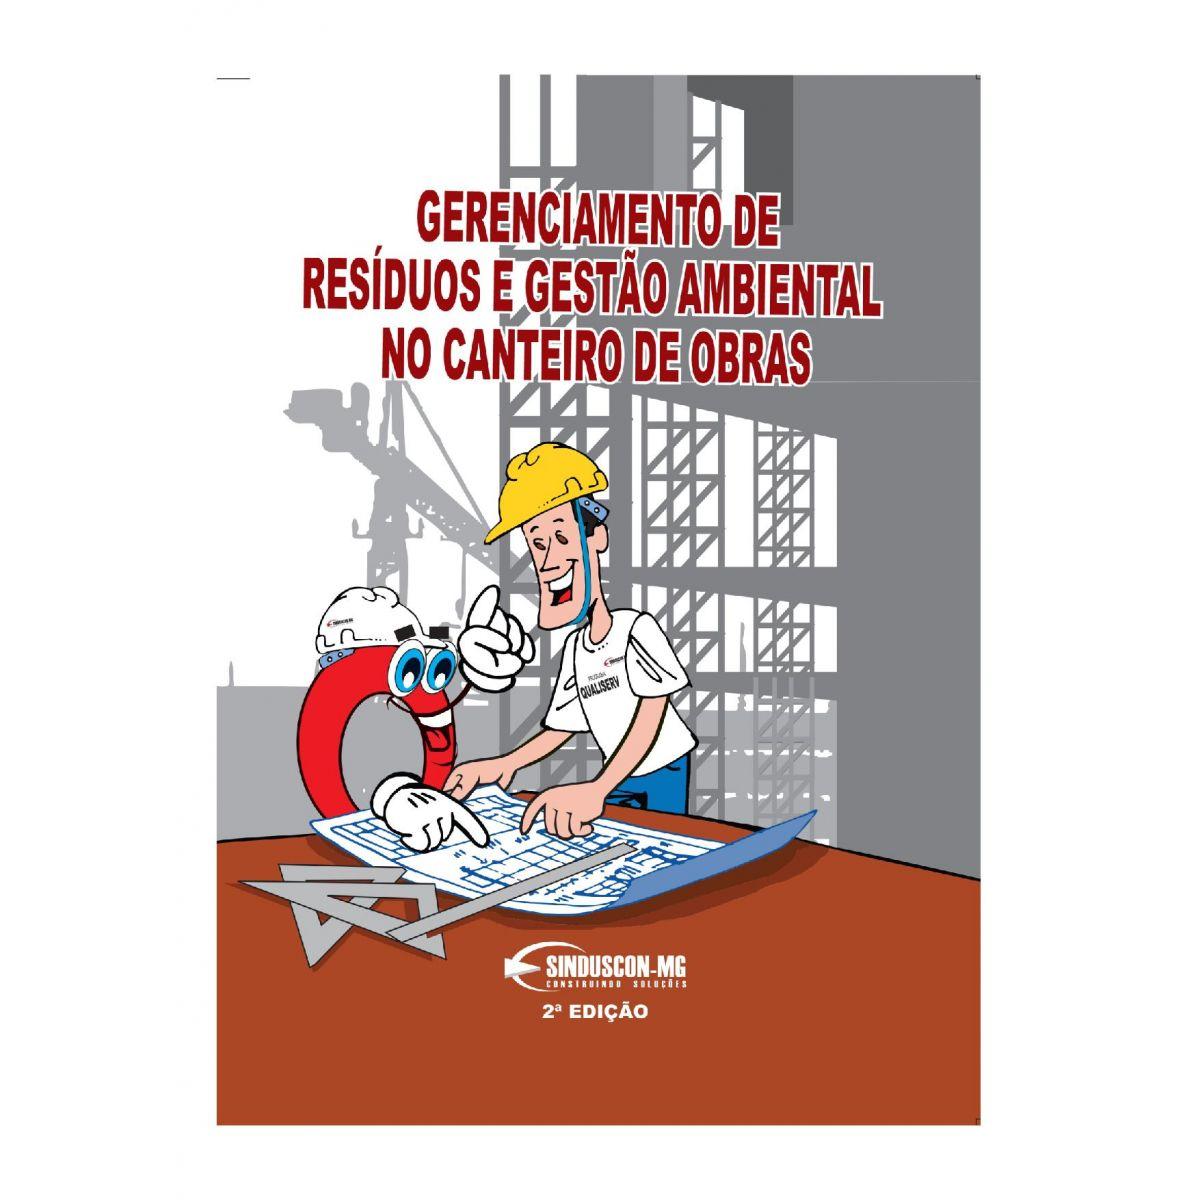 Gerenciamento de Resíduos e Gestão Ambiental no Canteiro de Obras - 2ª edição